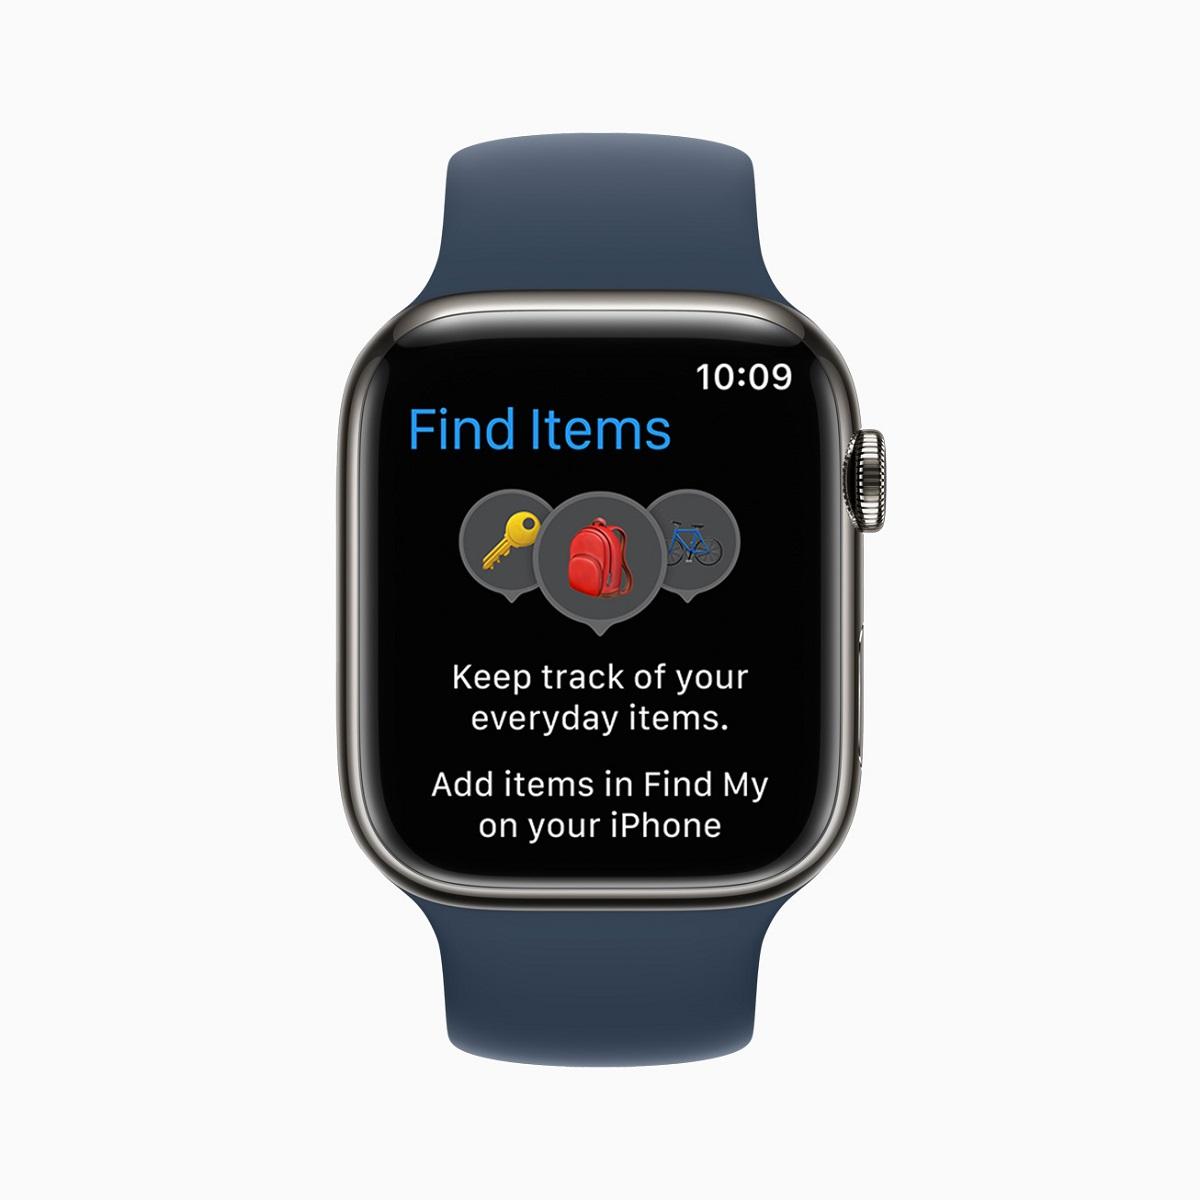 Новое приложение Find Items помогает пользователям находить предметы с прикрепленным AirTag и совместимые сторонние объекты с помощью сети Find My.